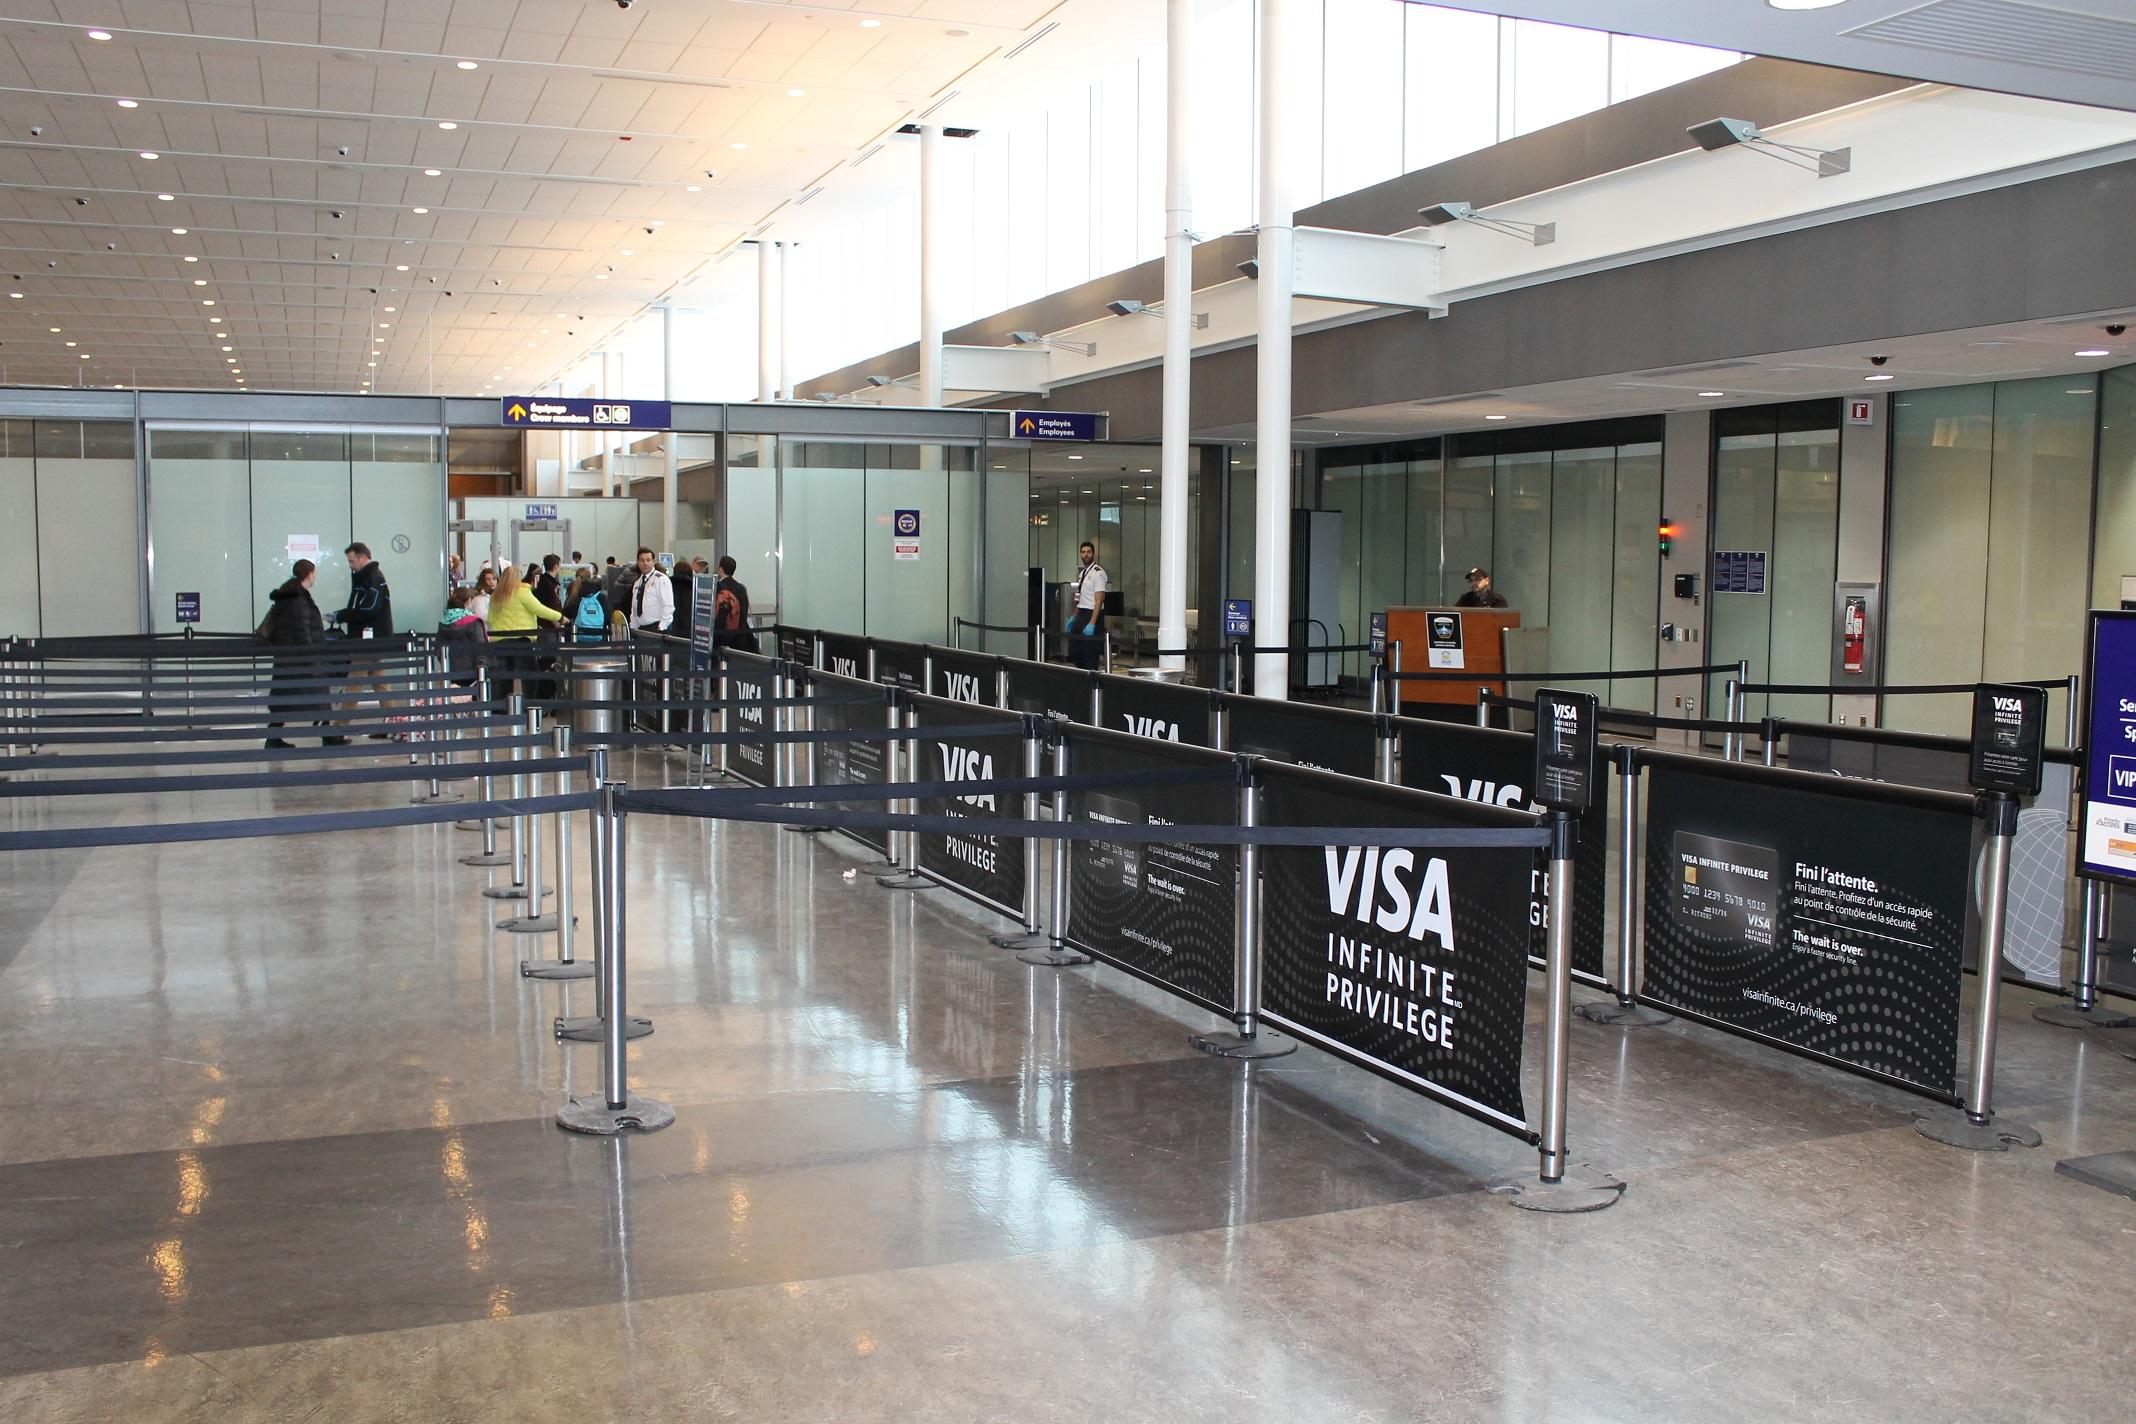 12 Montreal Airport - Visa